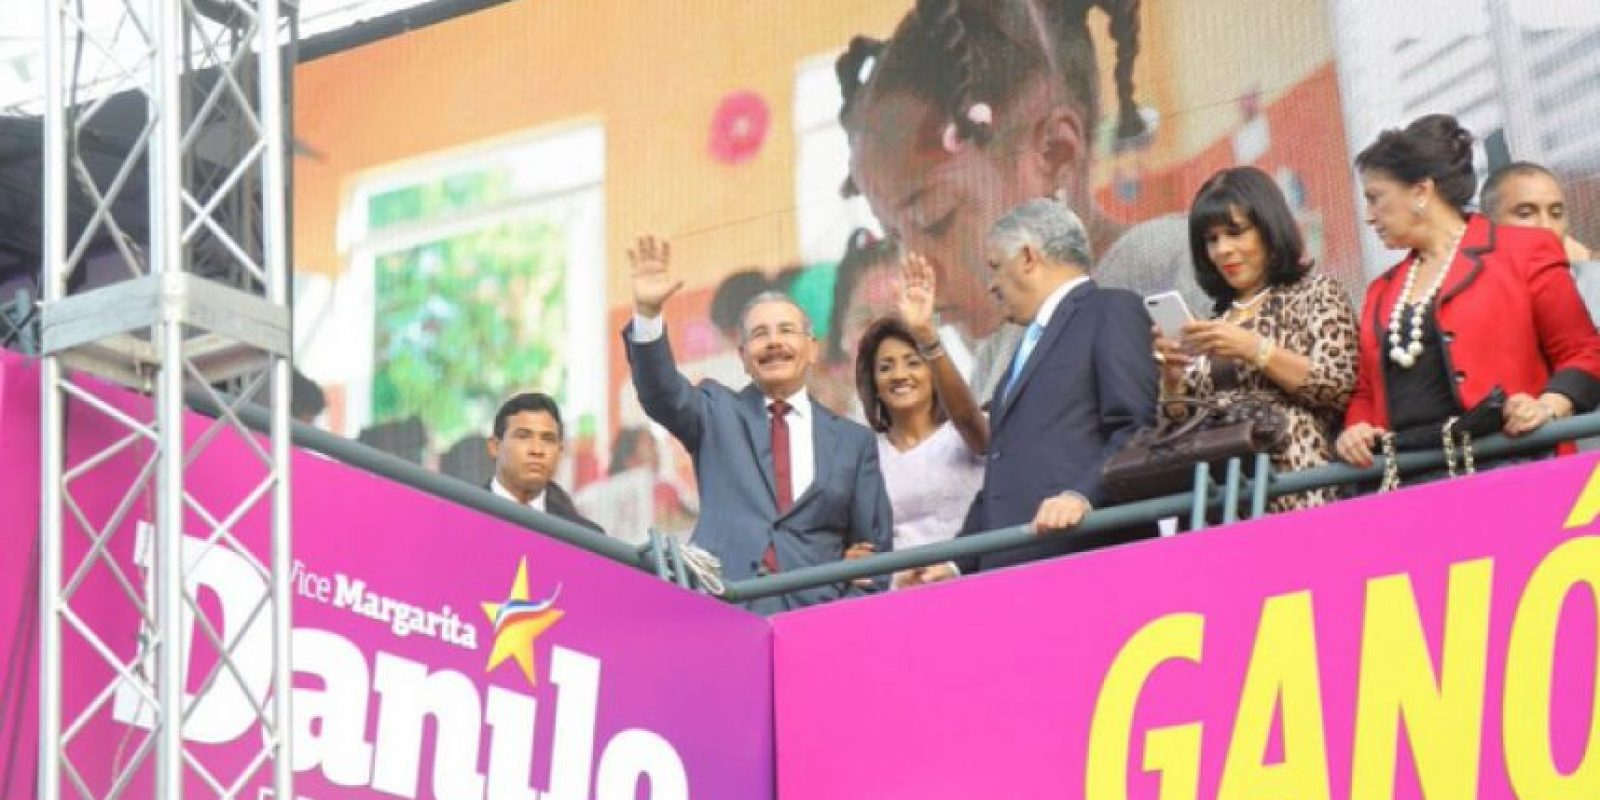 Danilo Medina en la avenida Sarasota Foto:Fuente Externa